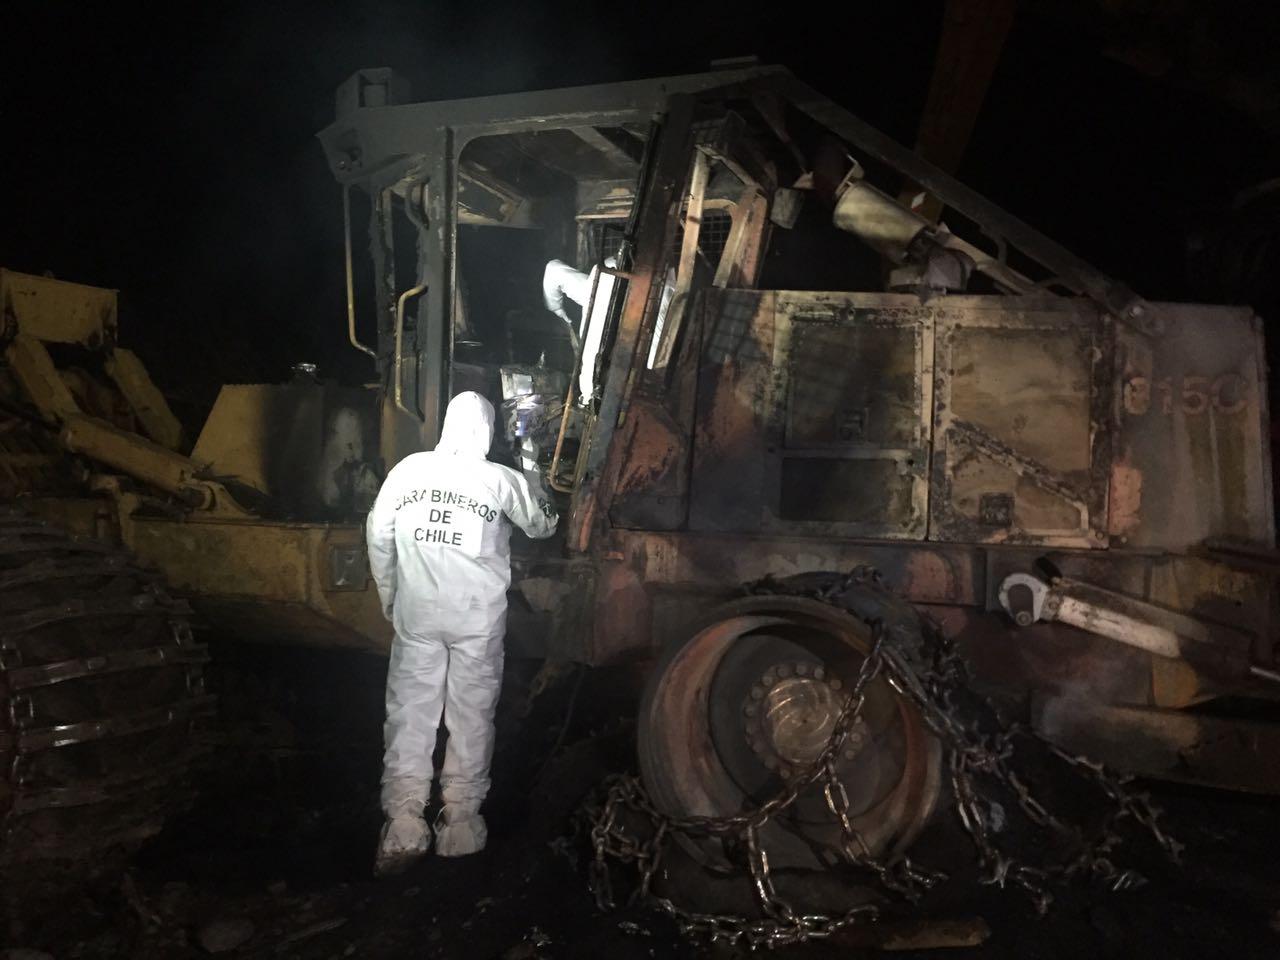 Desconocidos incendian cuatro máquinas forestales en fundo Raulín — La Araucanía